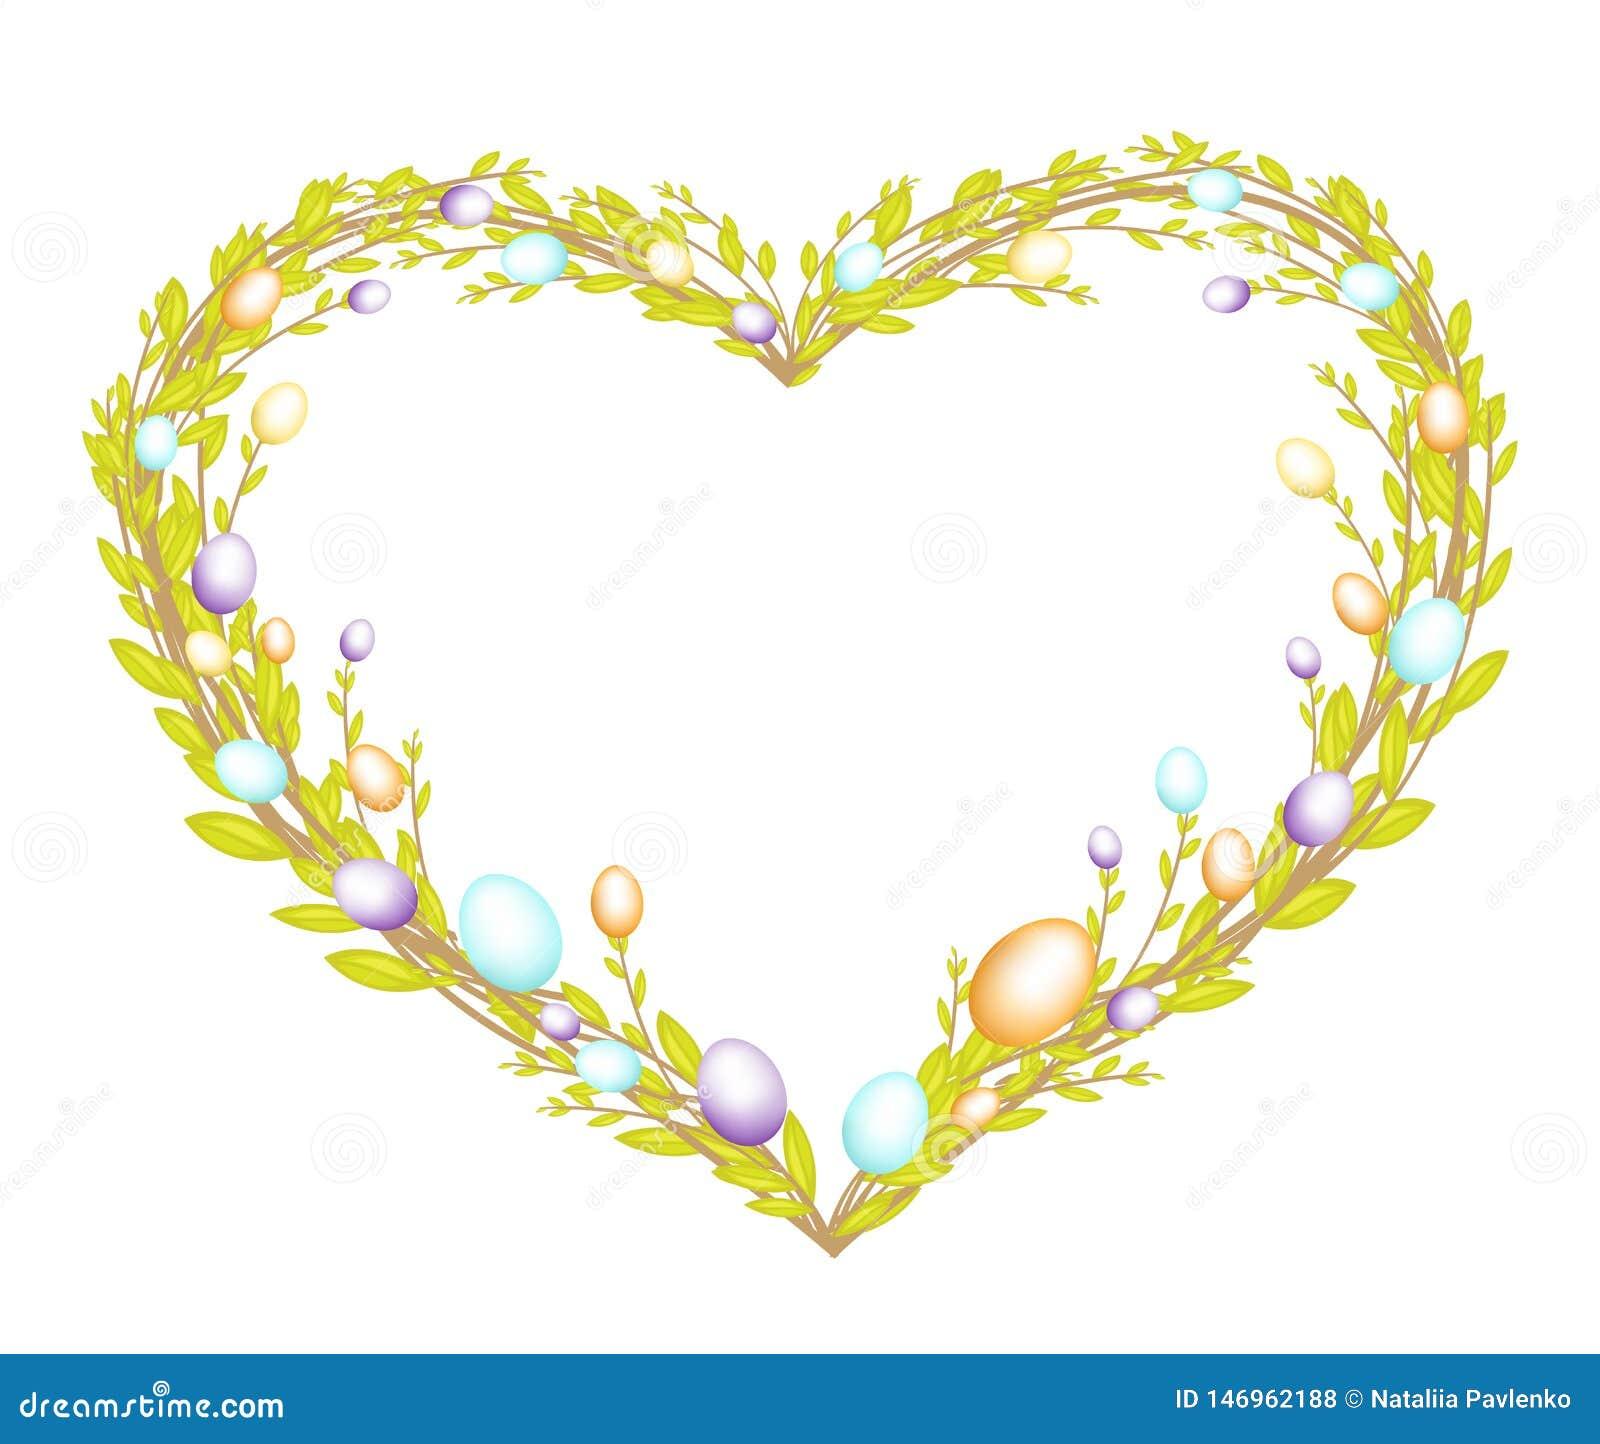 Guirlande en forme de coeur faite ? partir de jeunes branches de saule Décoré de Pâques a peint des oeufs Le symbole de P?ques Il